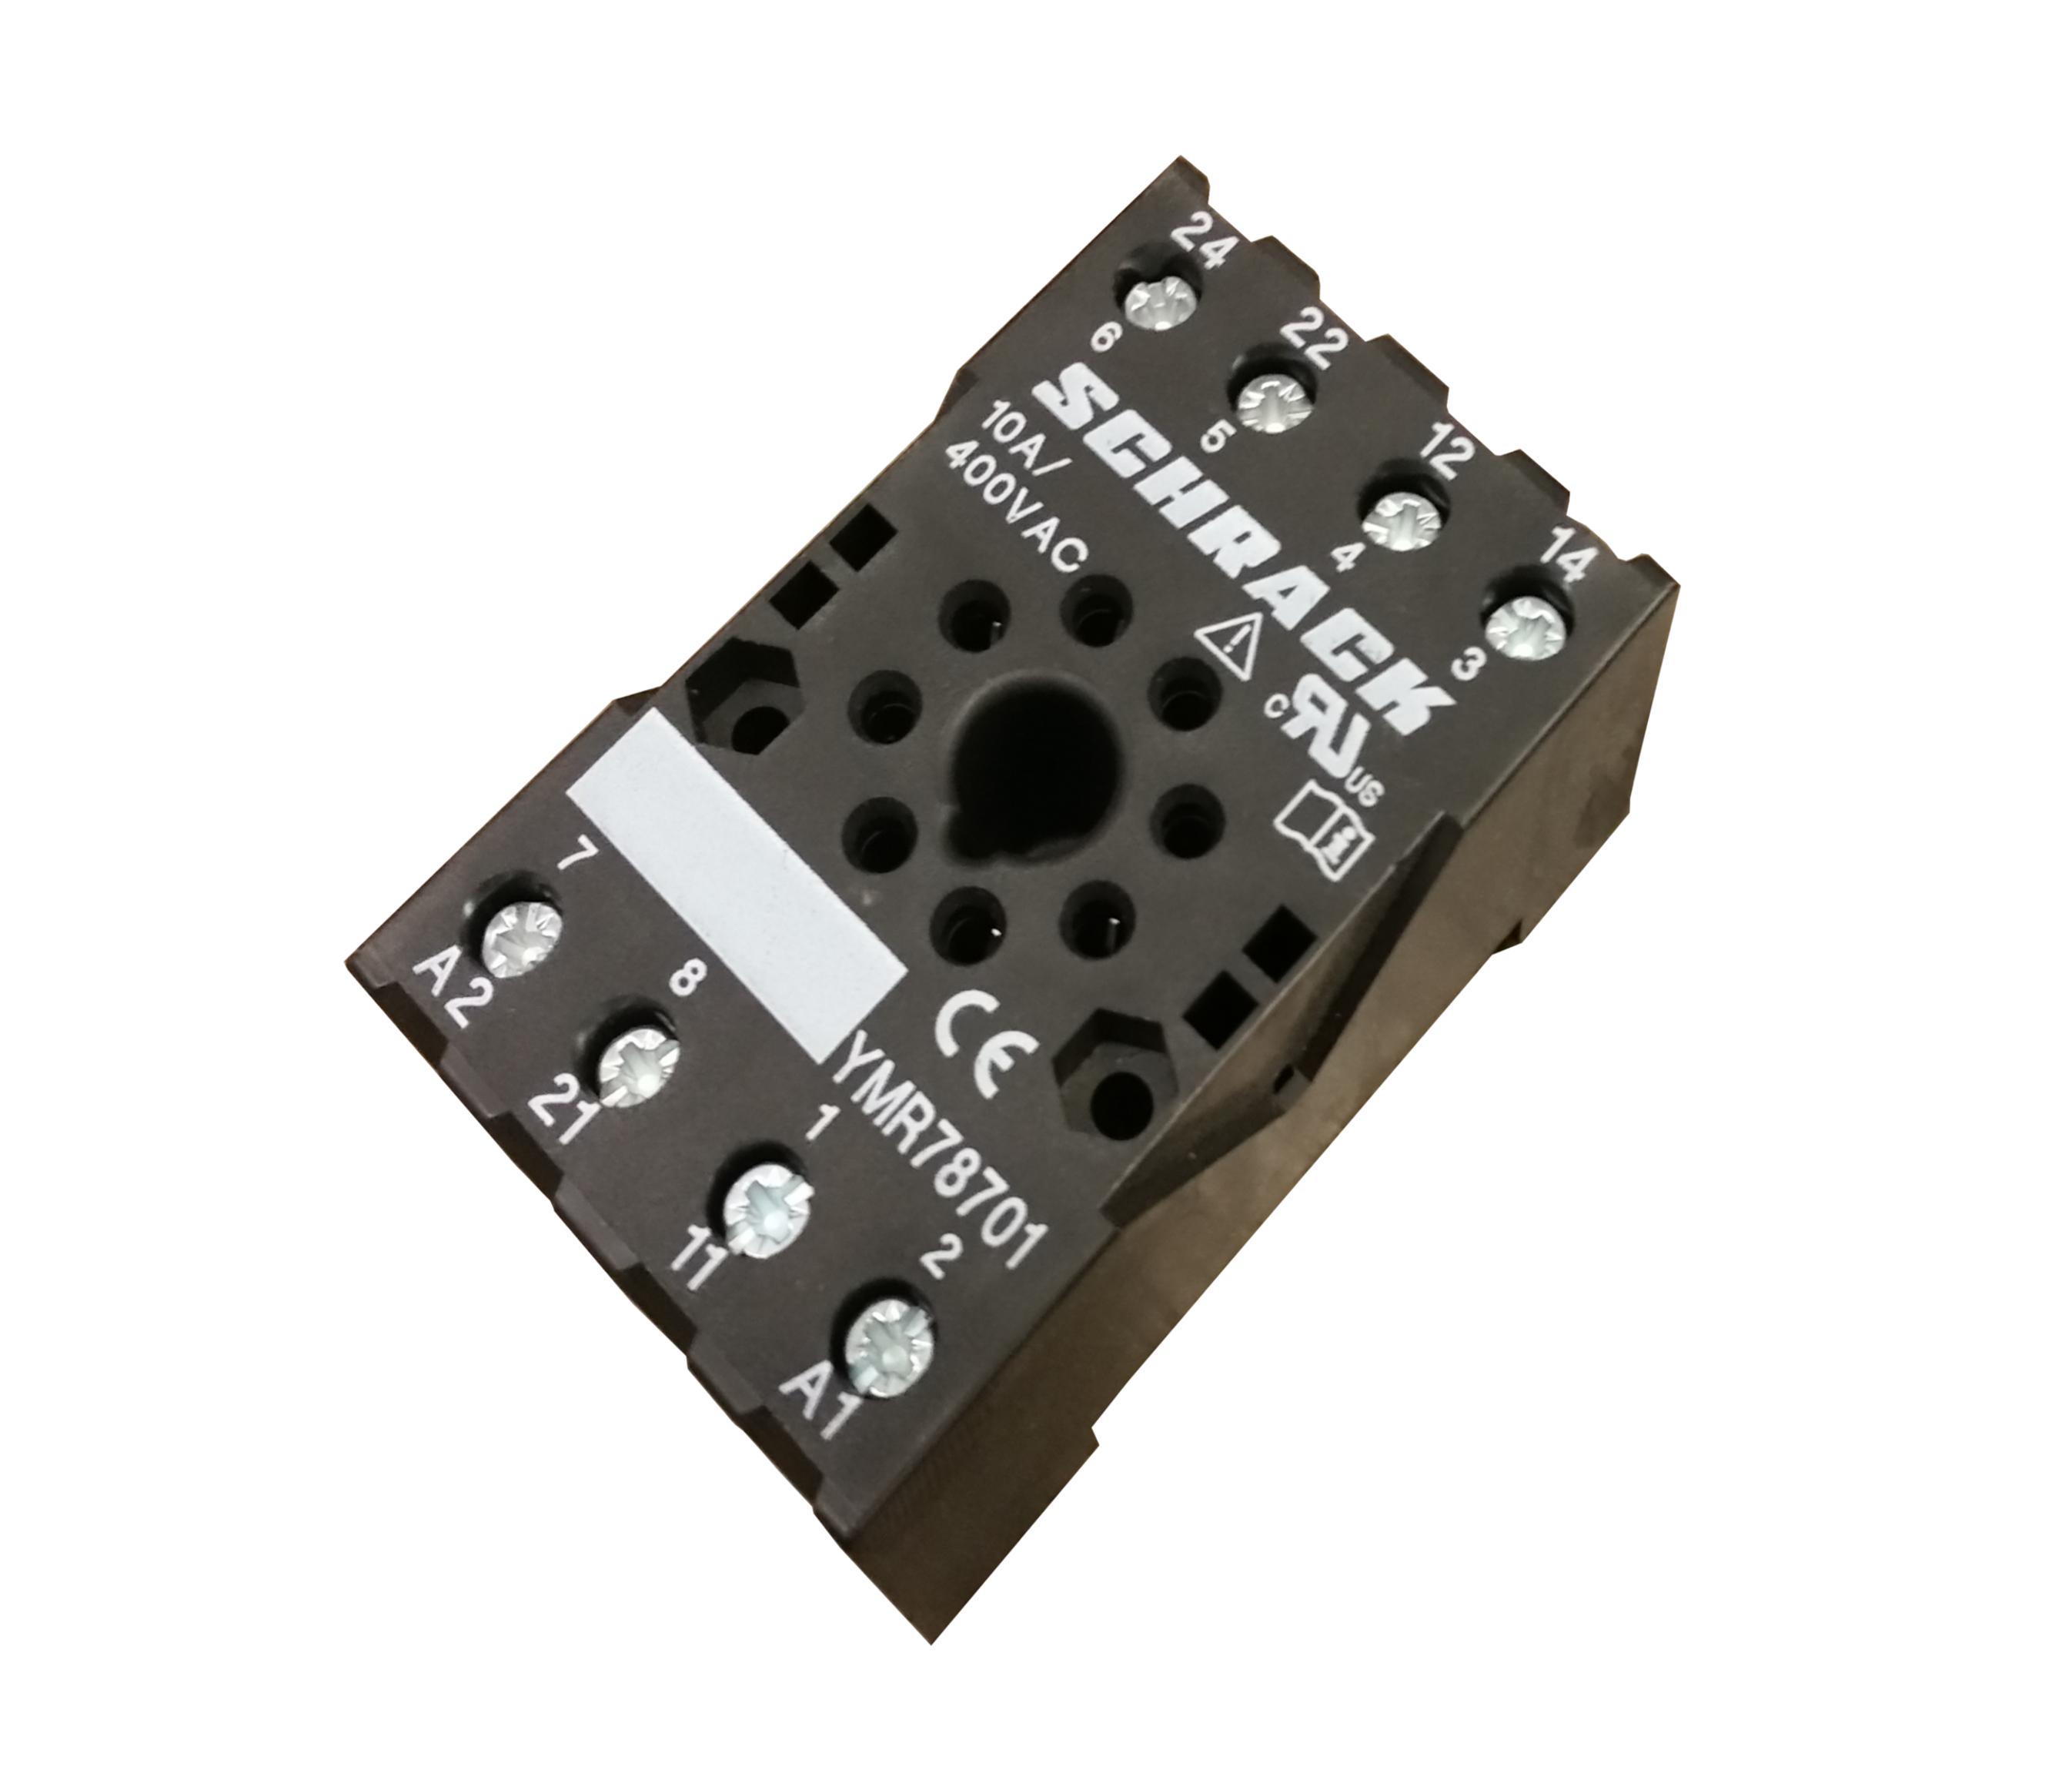 1 Stk 8-pol. Fassung mit Schraubanschlüssen f. 2-pol. MT-Relais YMR78701--